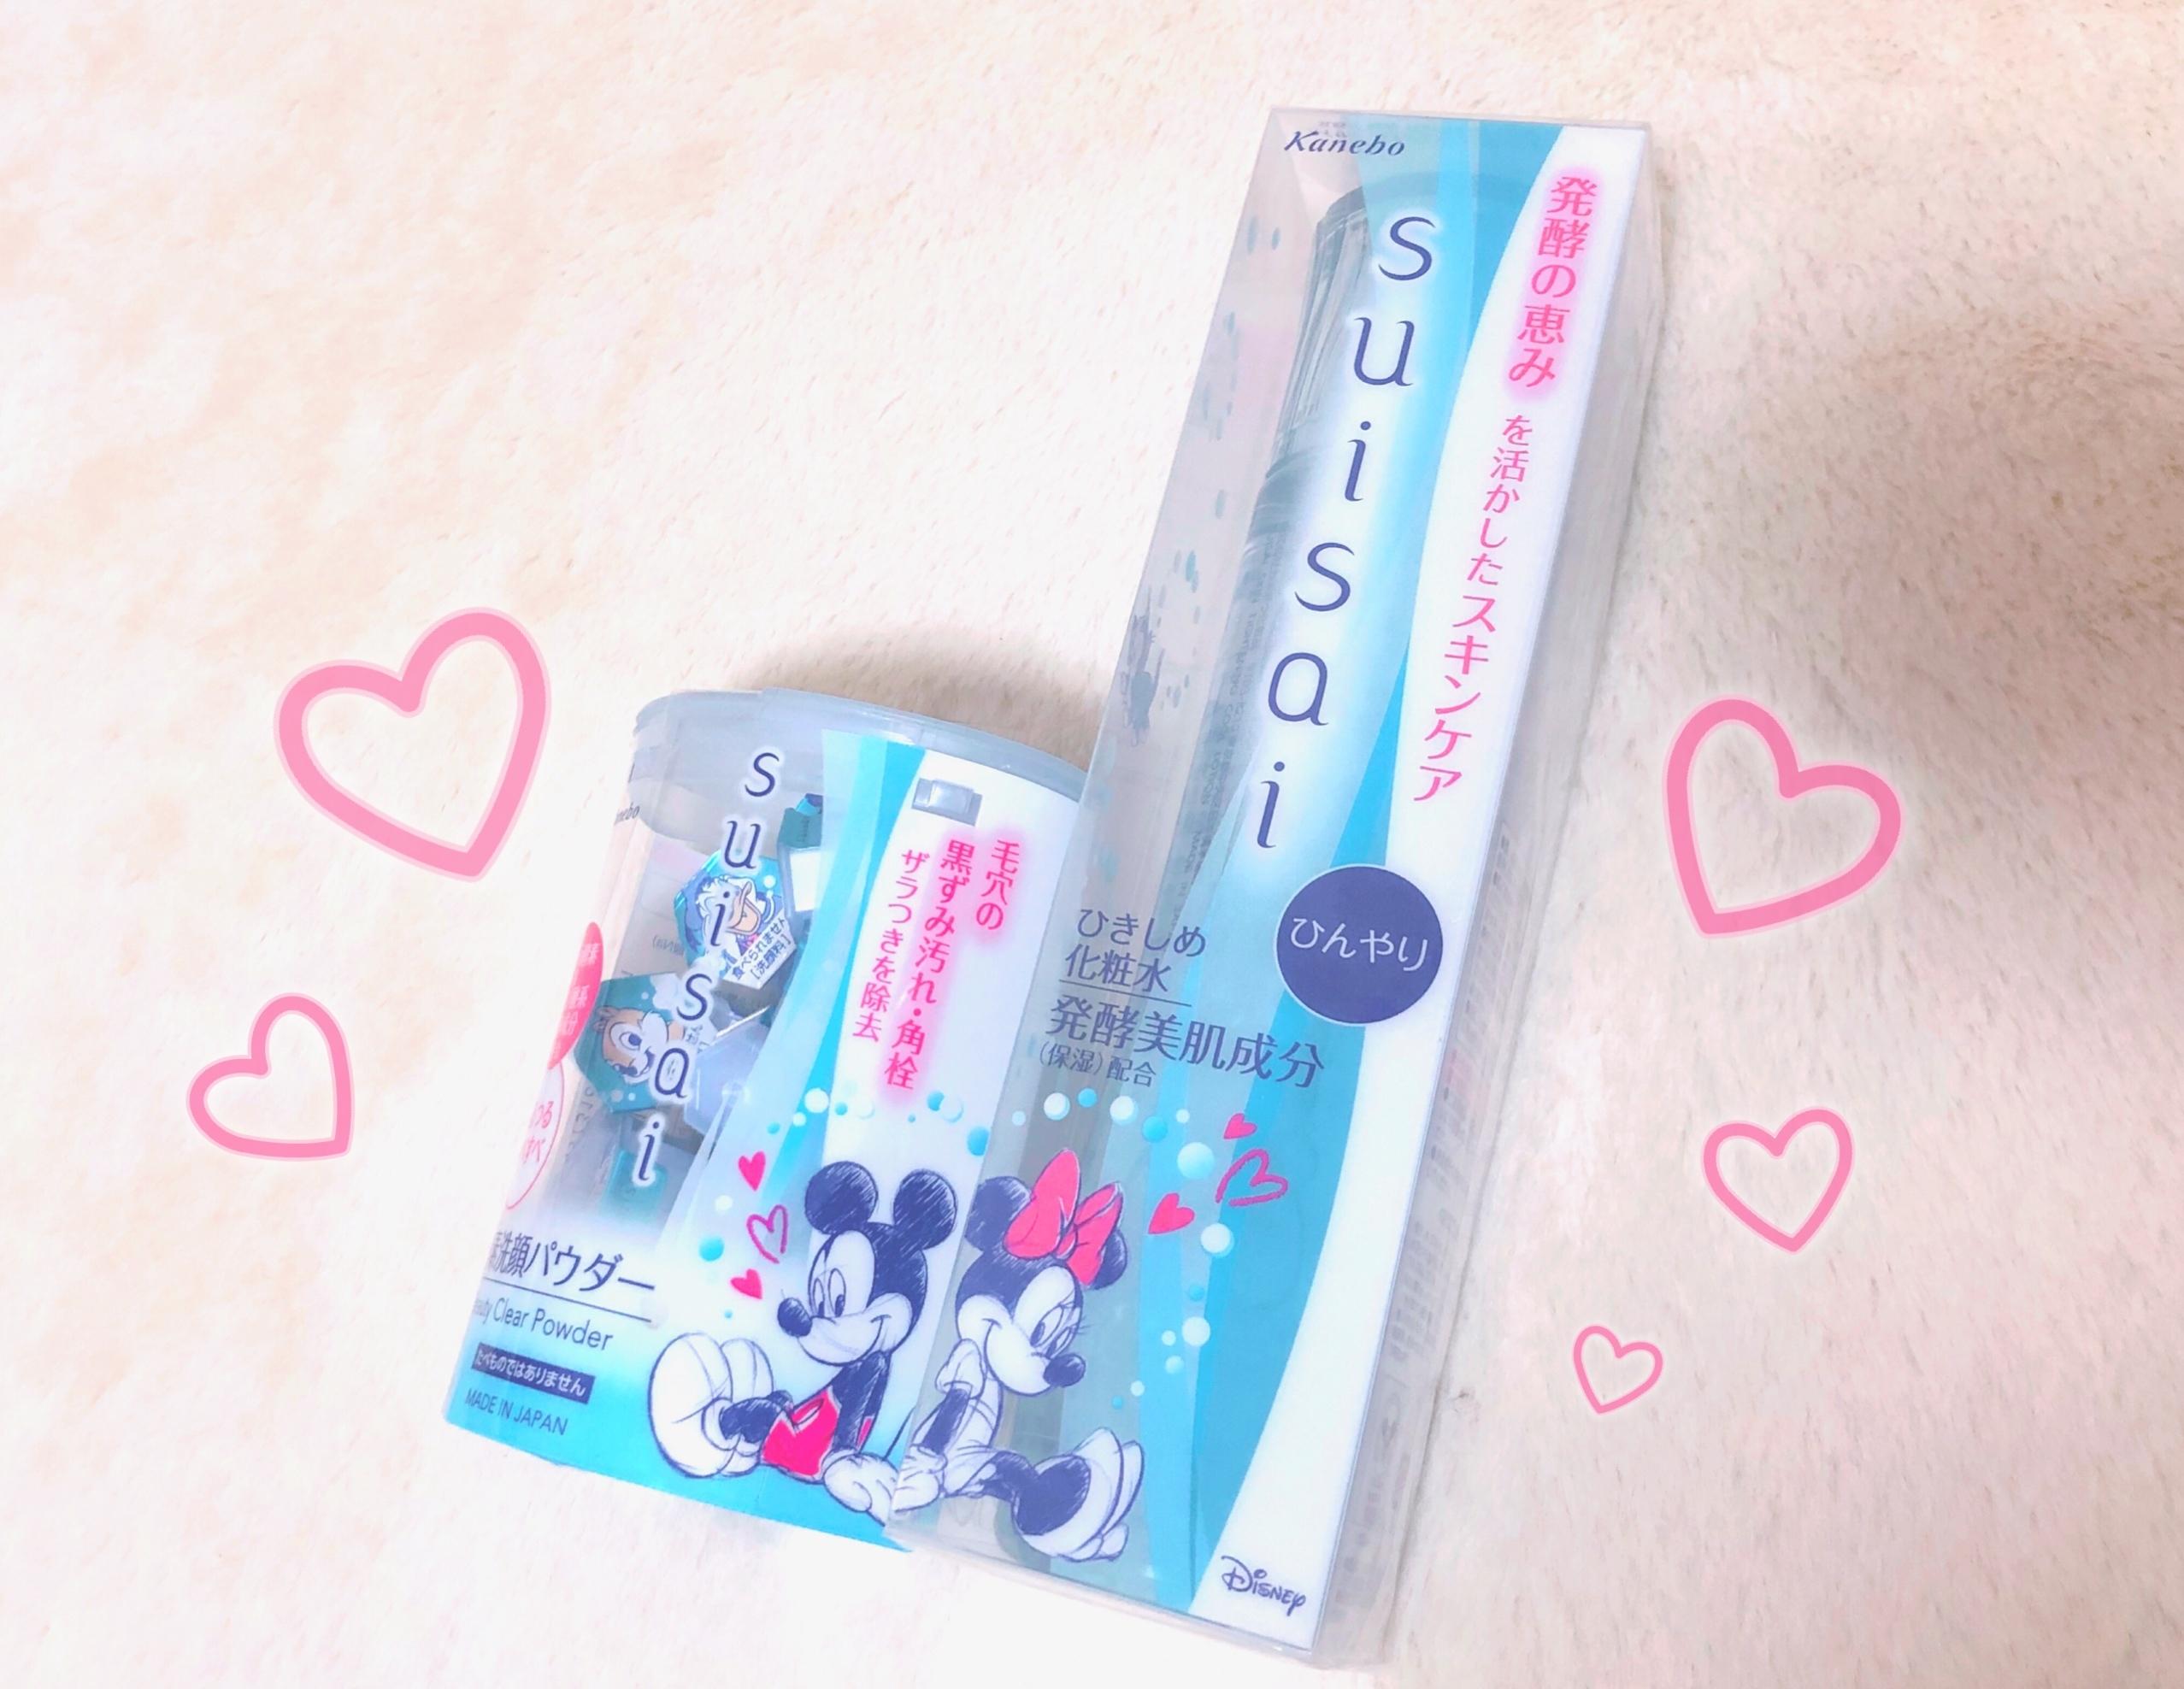 夏のスキンケアは【suisai】できまり♡かわいいディズニーデザインも!_1_1